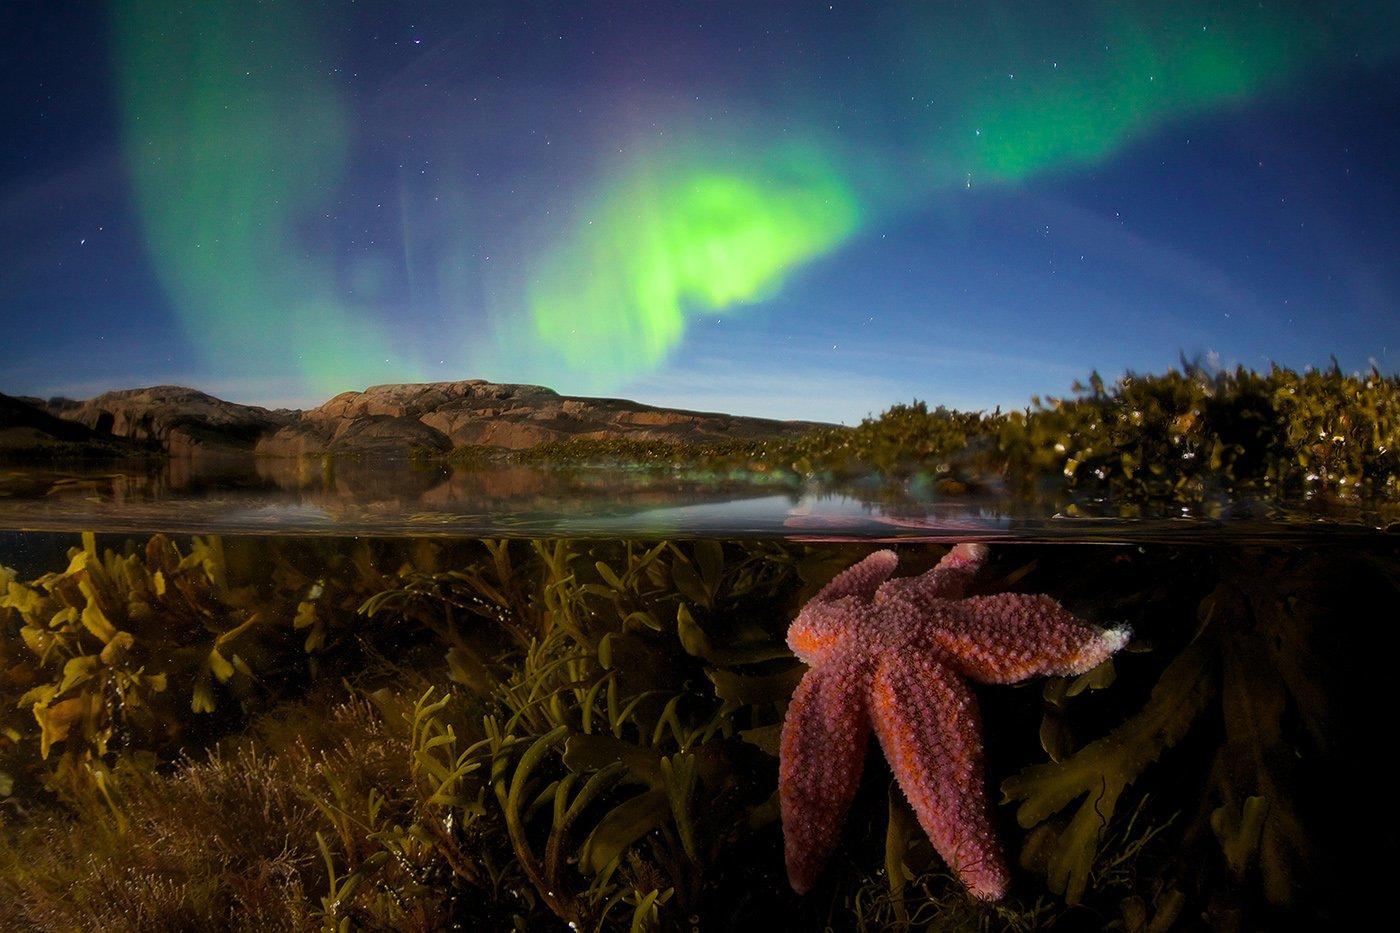 северный ледовитый океан звезда подводная съемка сплит полярное сияние звезды побережье водоросли, Никифоров Егор